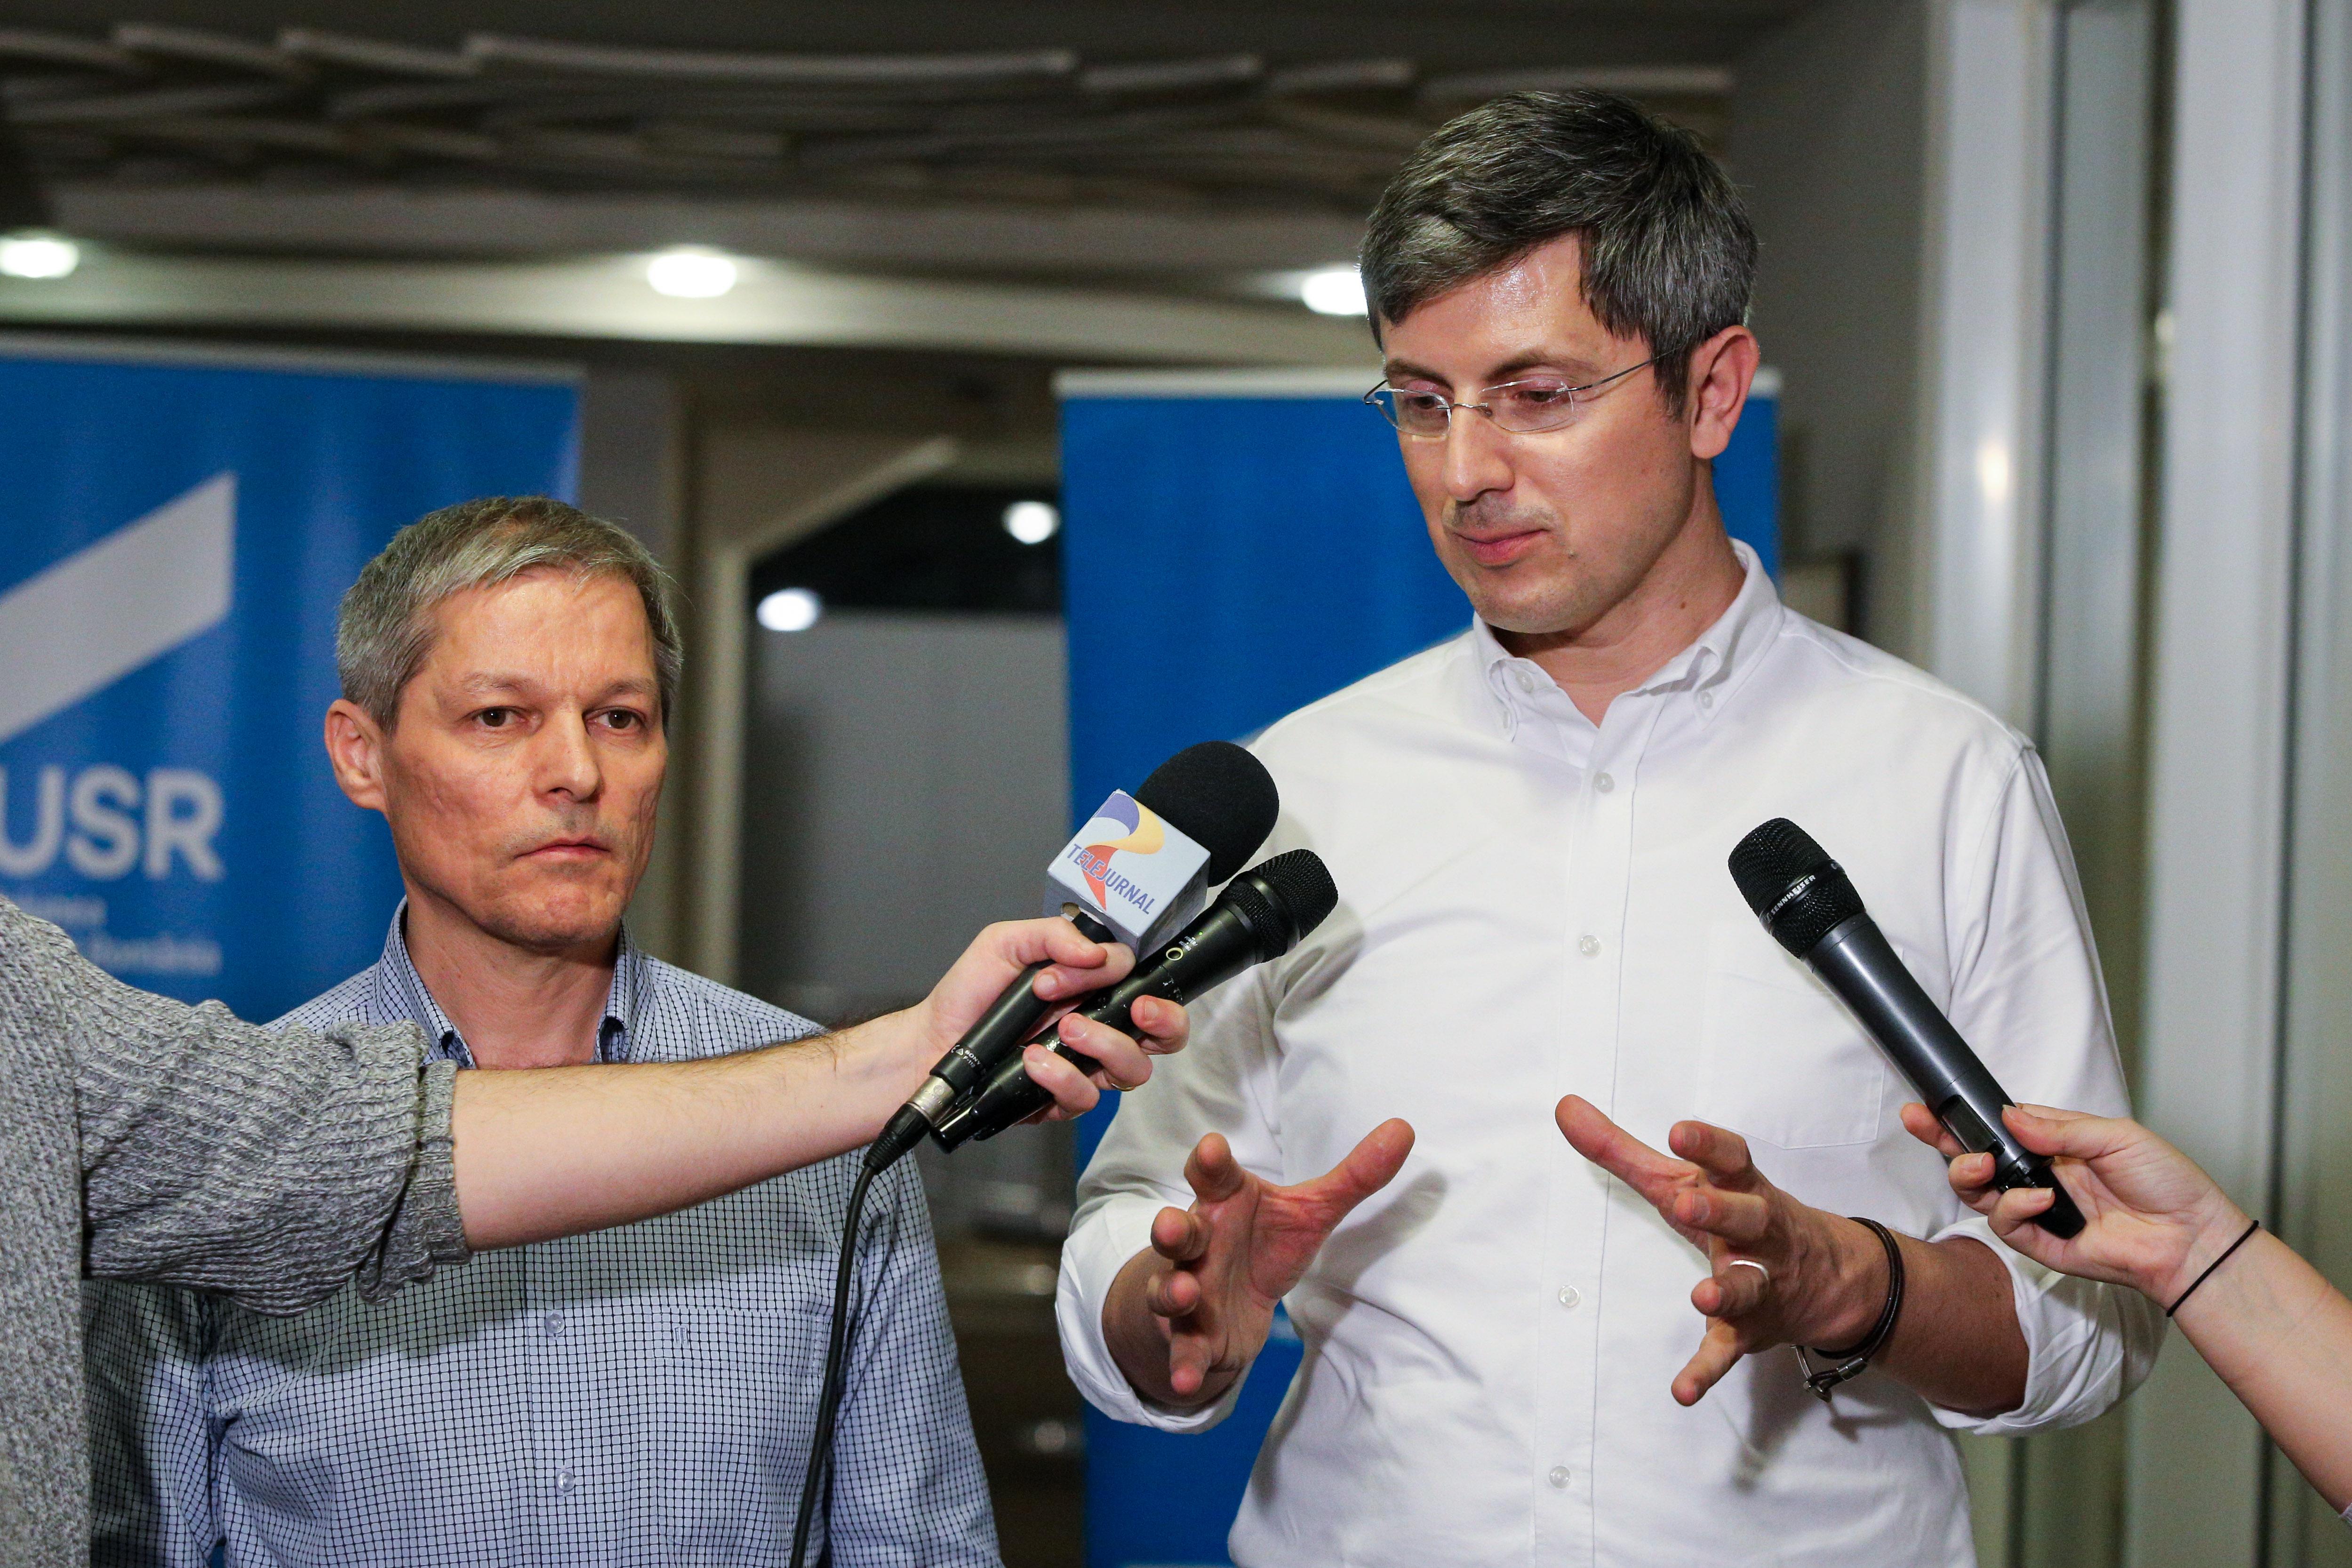 Alianța USR – PLUS poate participa la alegerile europarlamentare. Decizia ICCJ